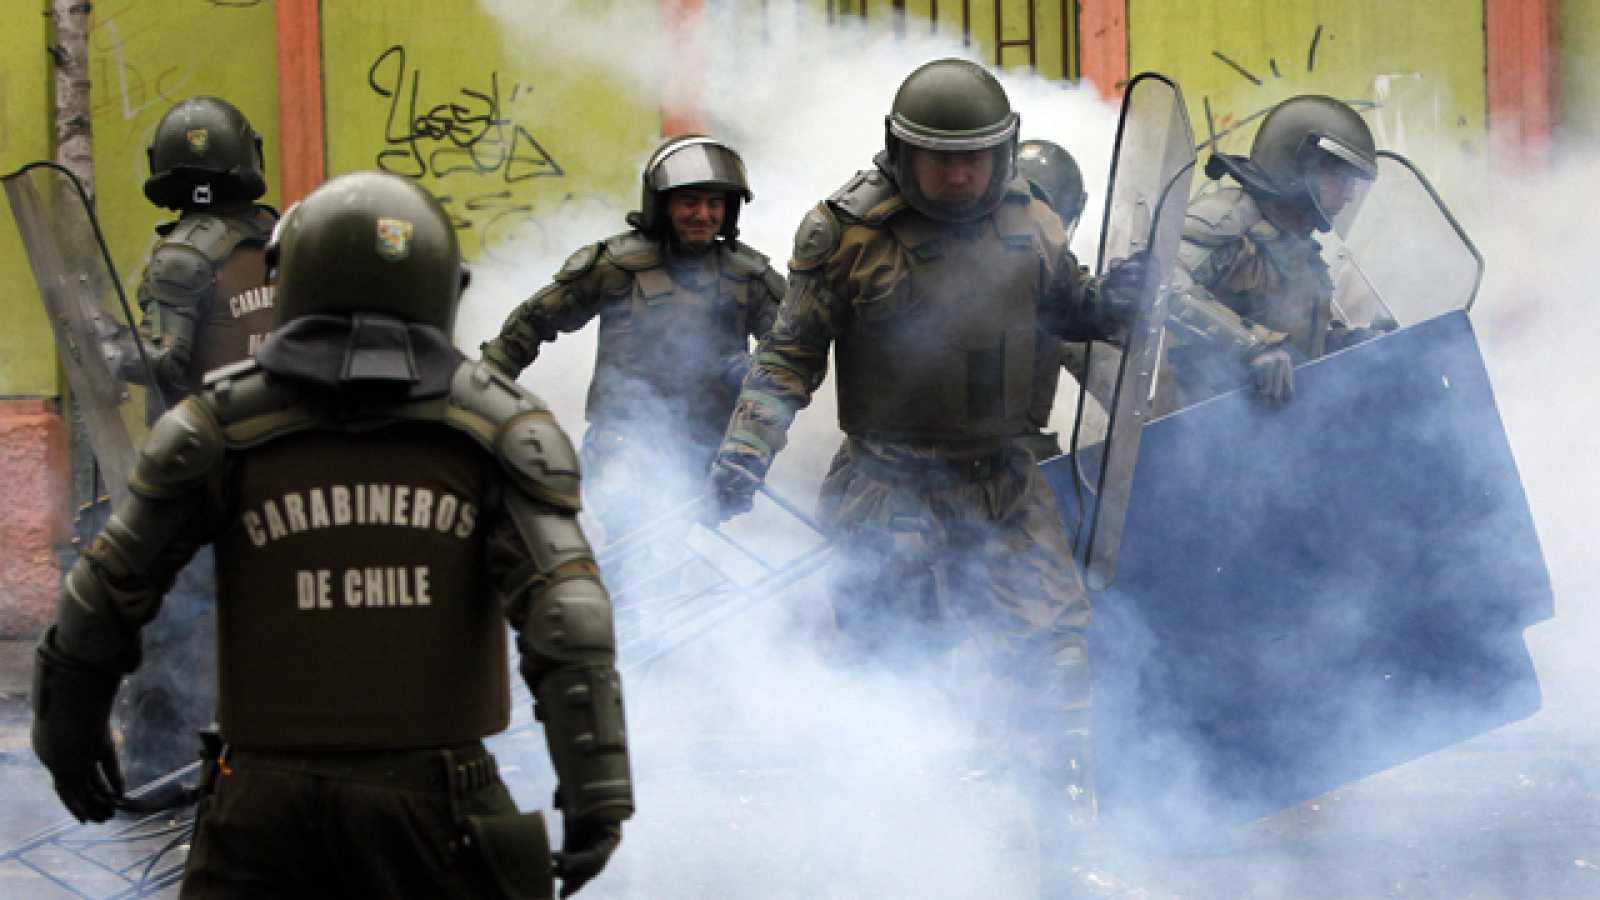 Un joven de 14 años muere de un disparo en las manifestaciones de Chile